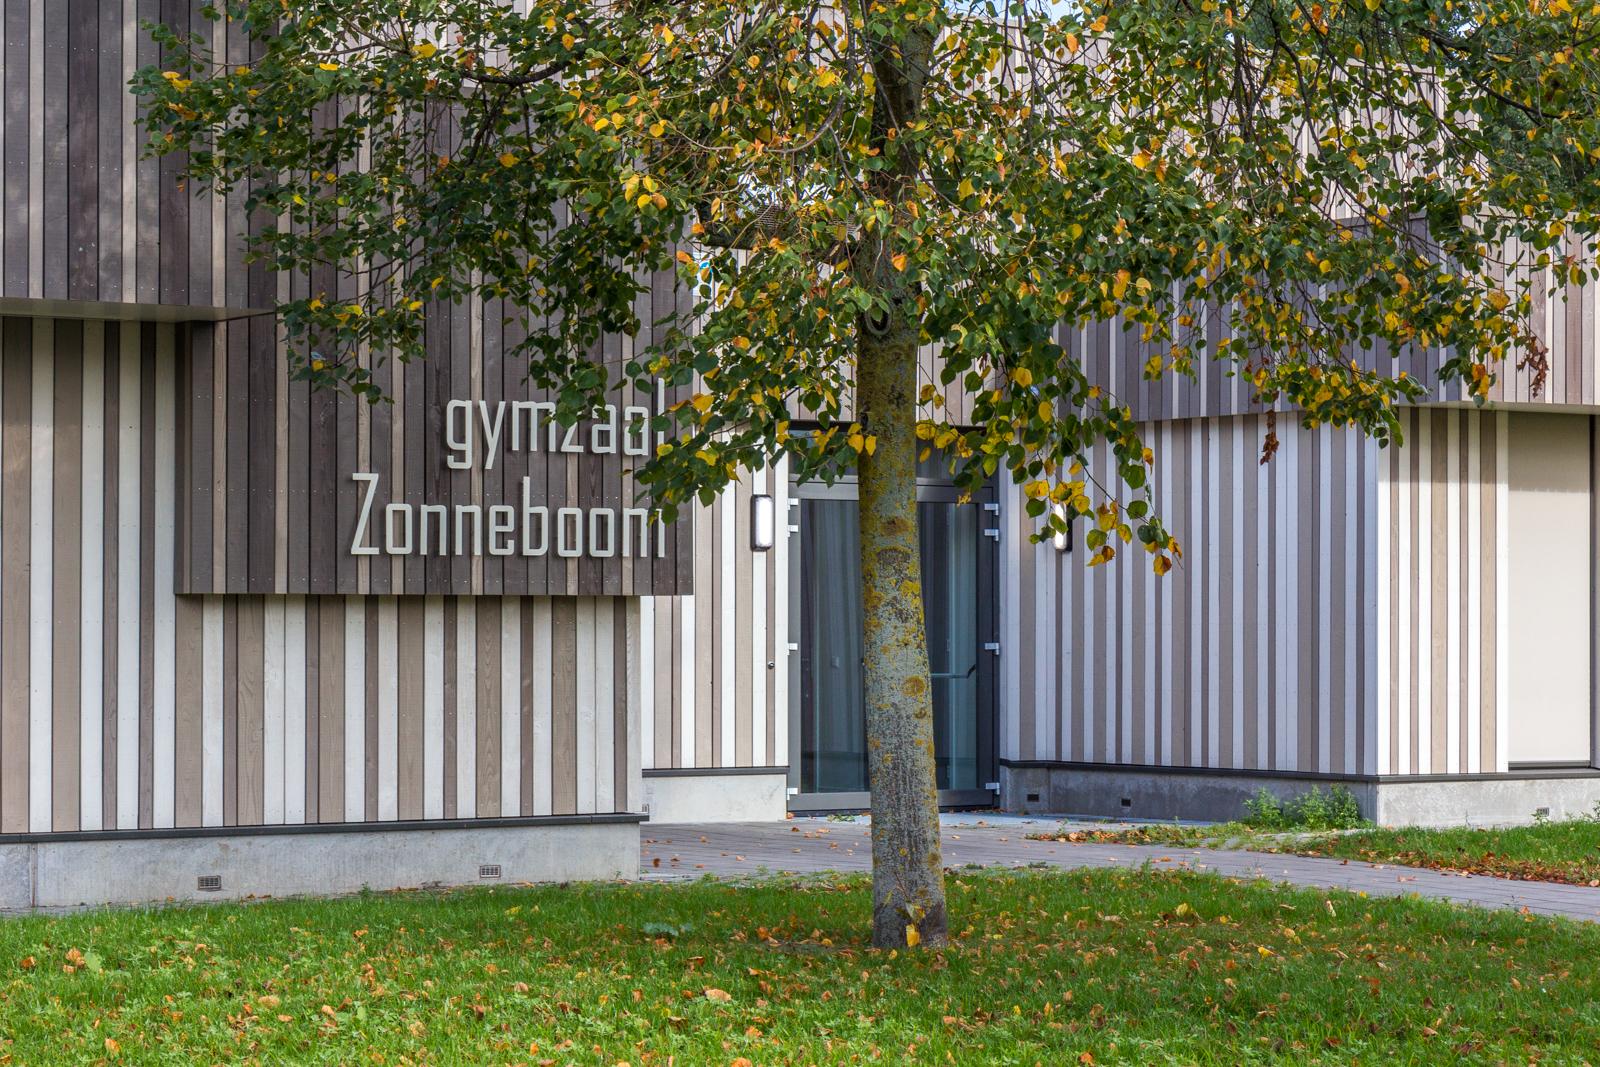 Zonneboom-Roosendaal-5610